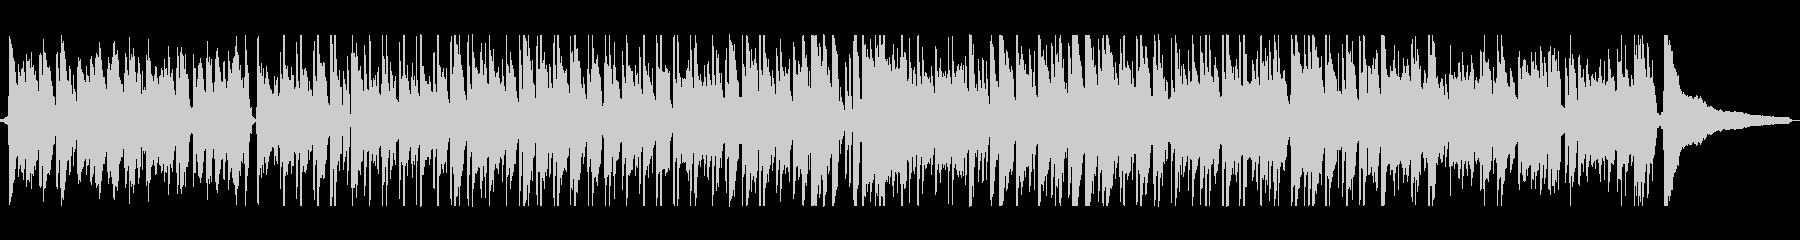 ギターとピアノの軽快なボサノバの未再生の波形